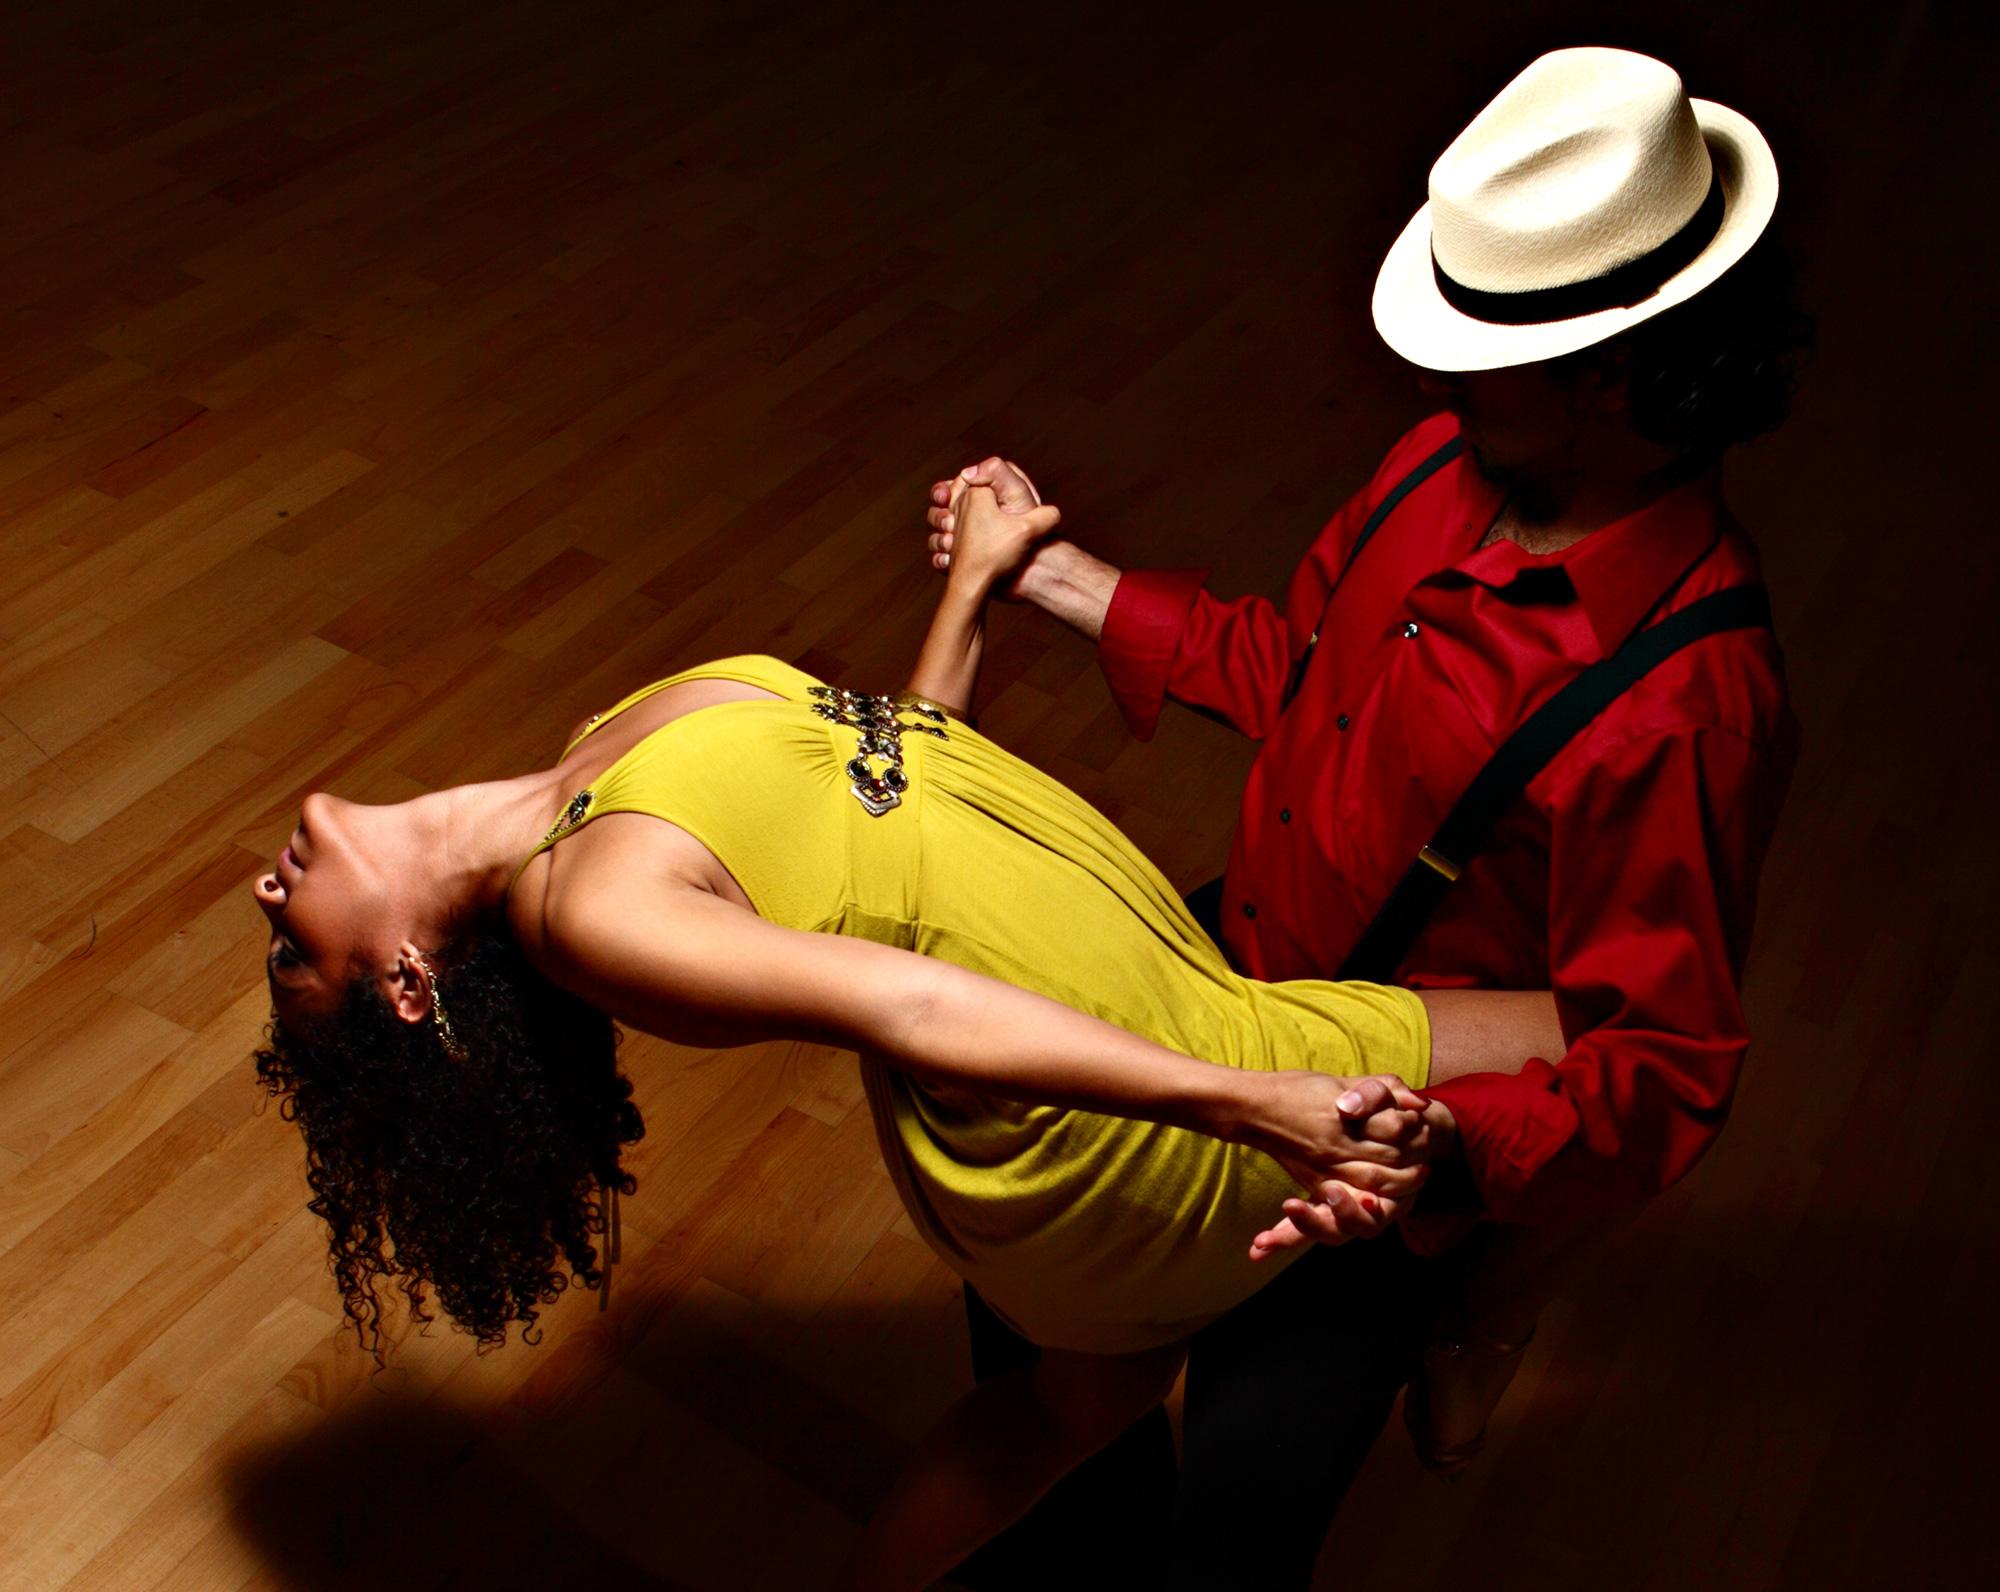 danseurs_pic